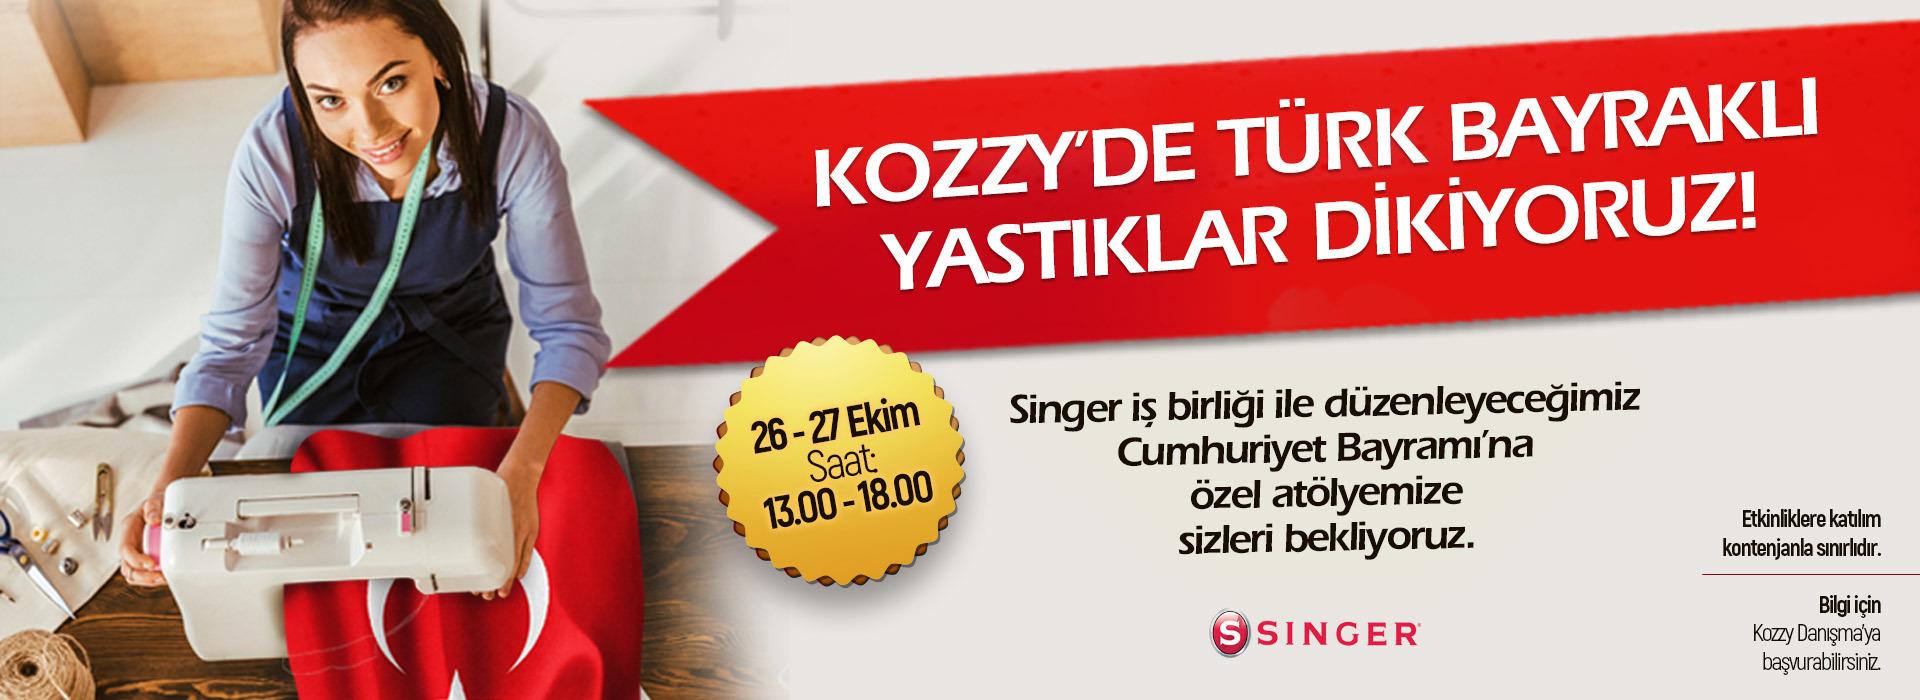 Kozzy'de Türk Bayraklı Yastıklar Dikiyoruz